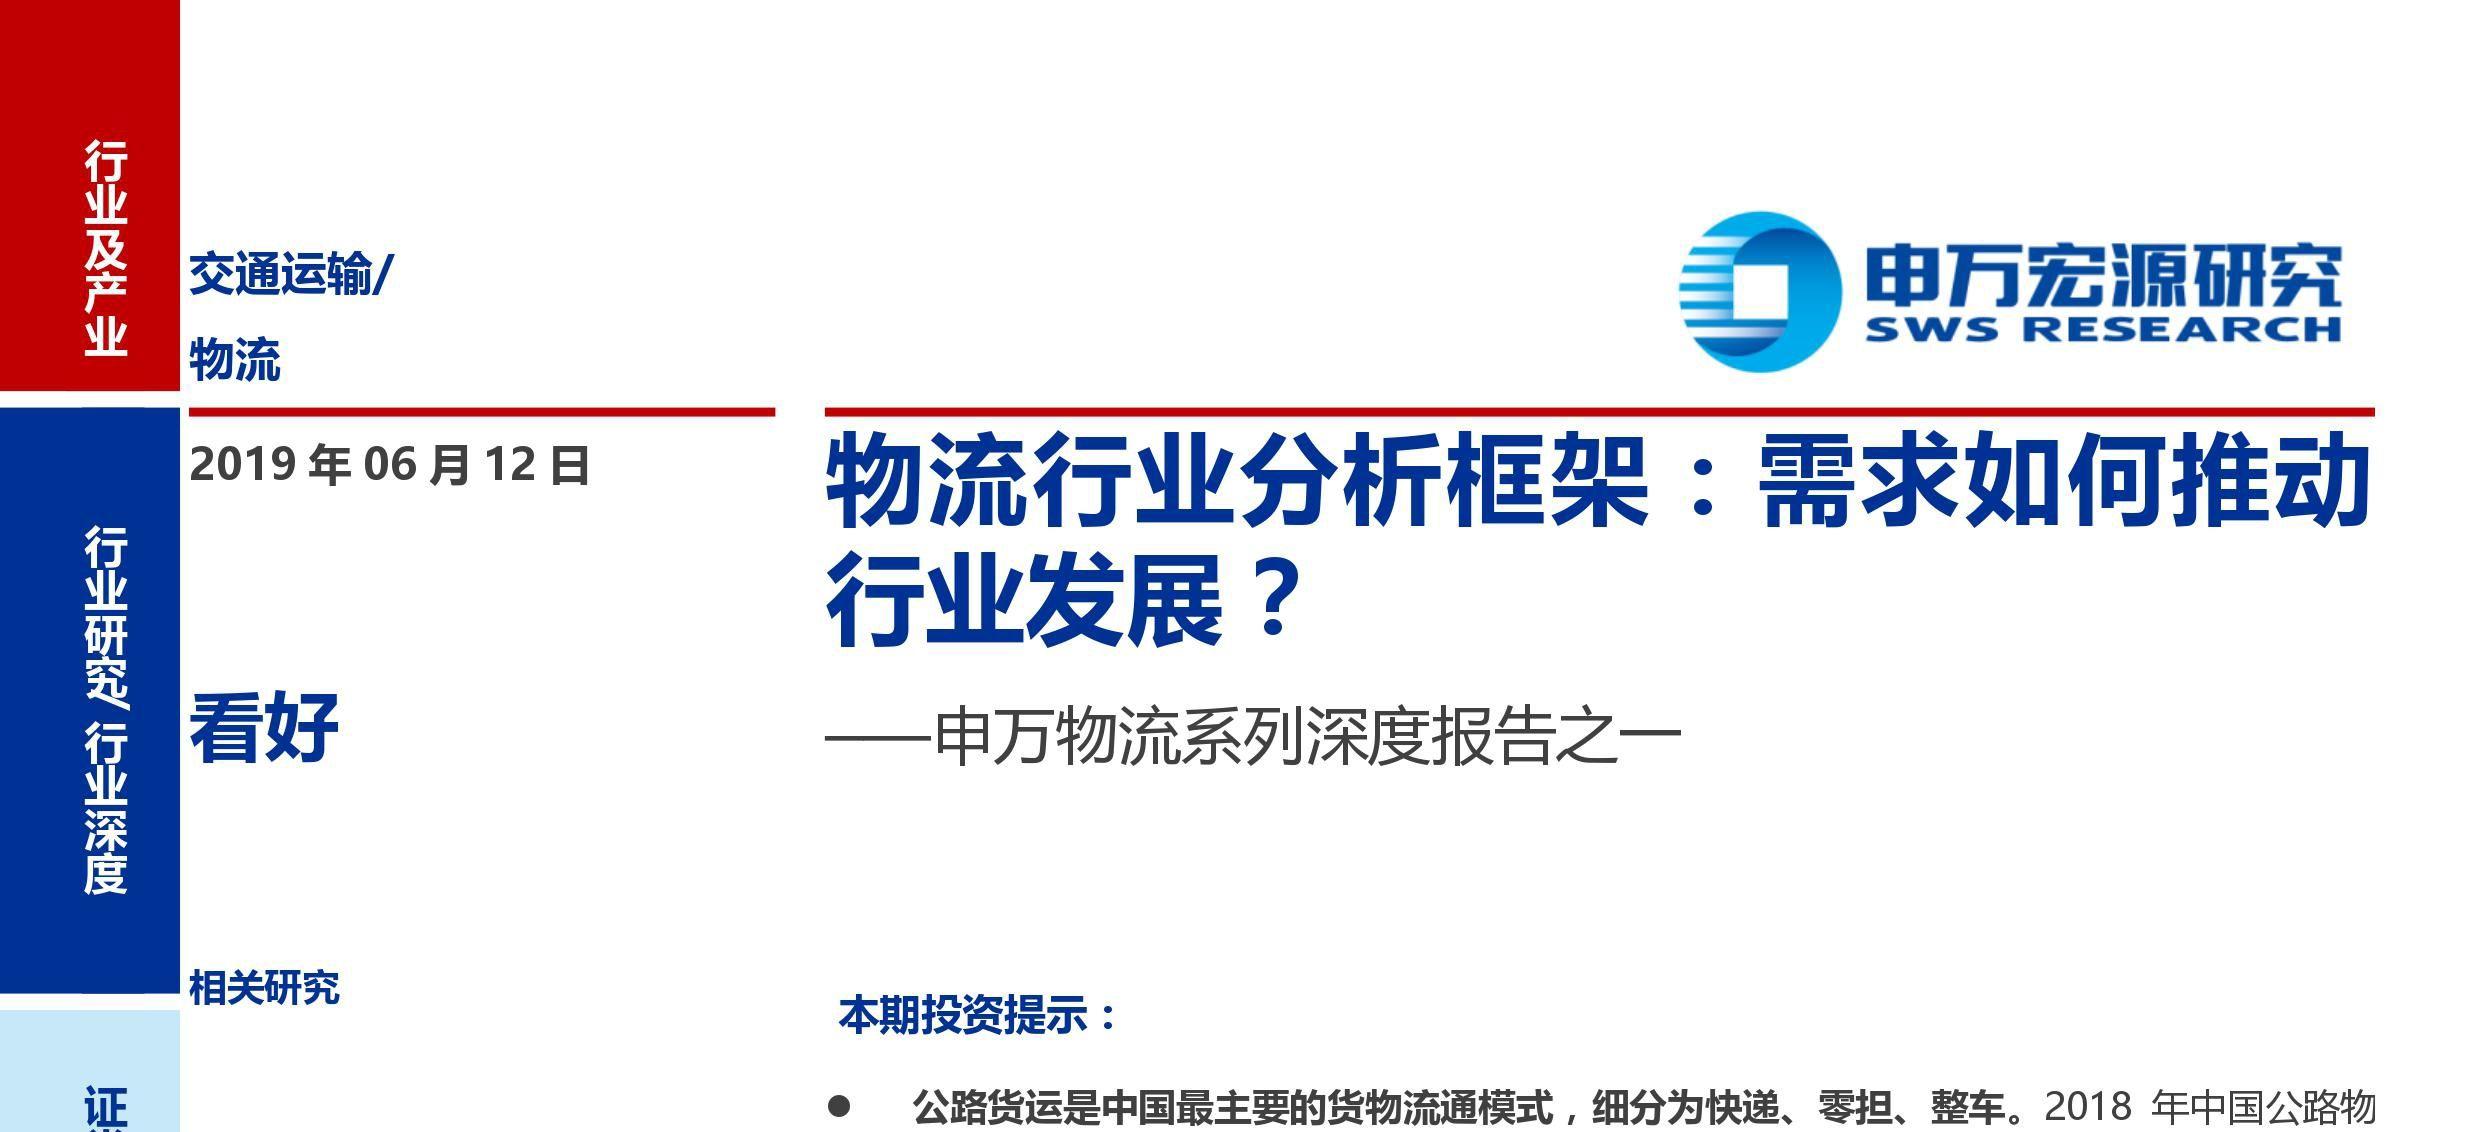 行业系列深度报告之一:物流行业分析框架,需求如何推动行业发展?(内附完整下载)